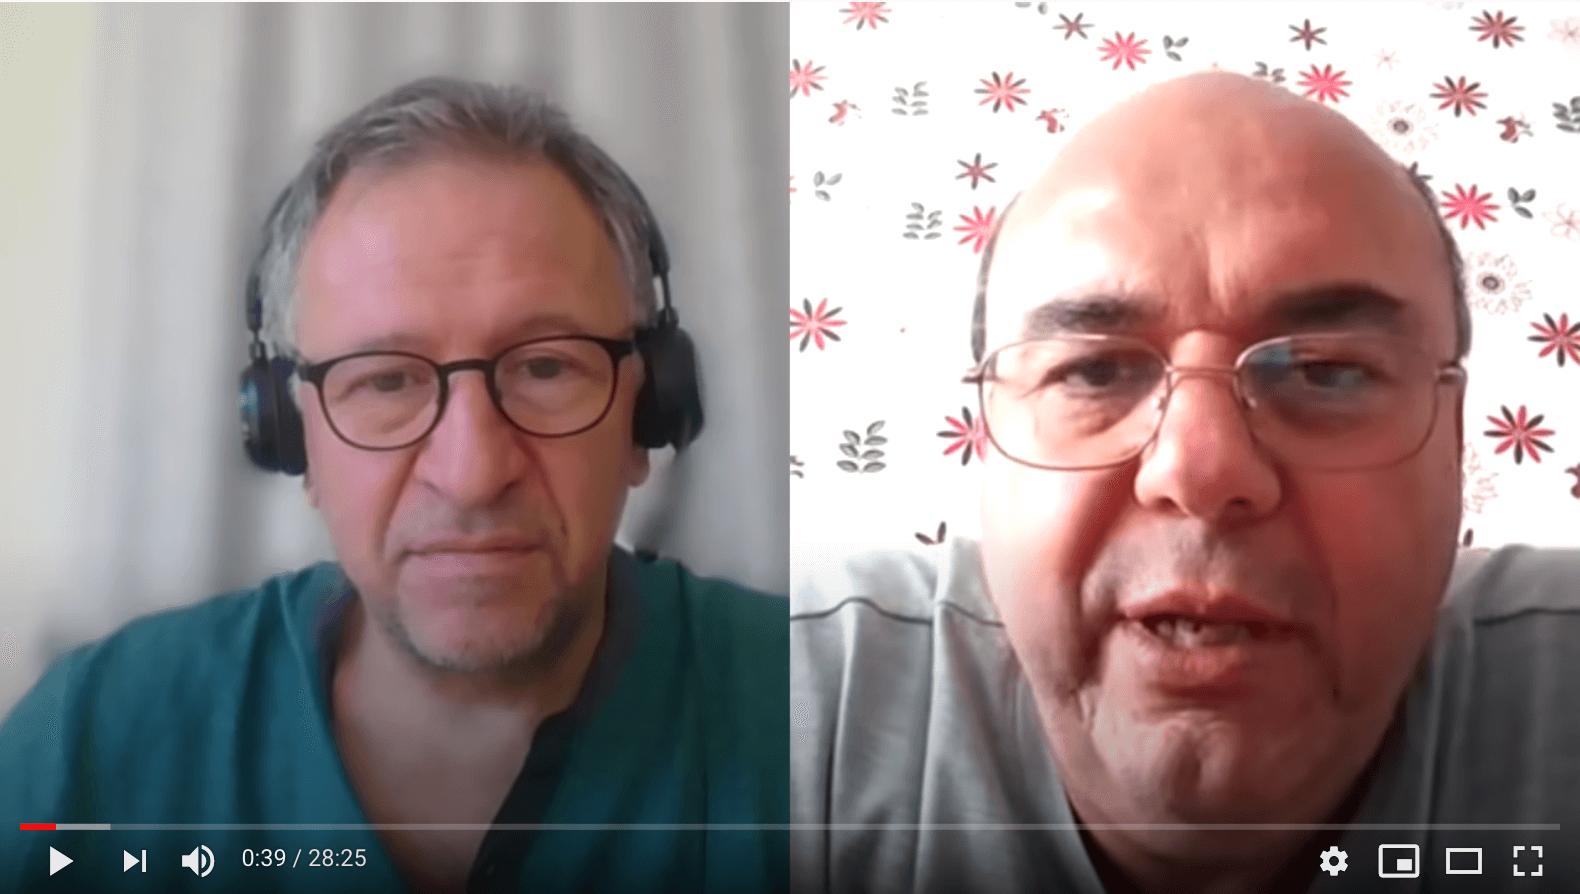 Stoycho Katsarov (links), Vorsitzender des bulgarischen Zentrums für den Schutz der Rechte im Gesundheitswesen, interviewte den bulgarischen Pathologen Stoyan Alexov am 12. Mai 2020. (Quelle: Youtube, Screenshot: CORRECTIV)